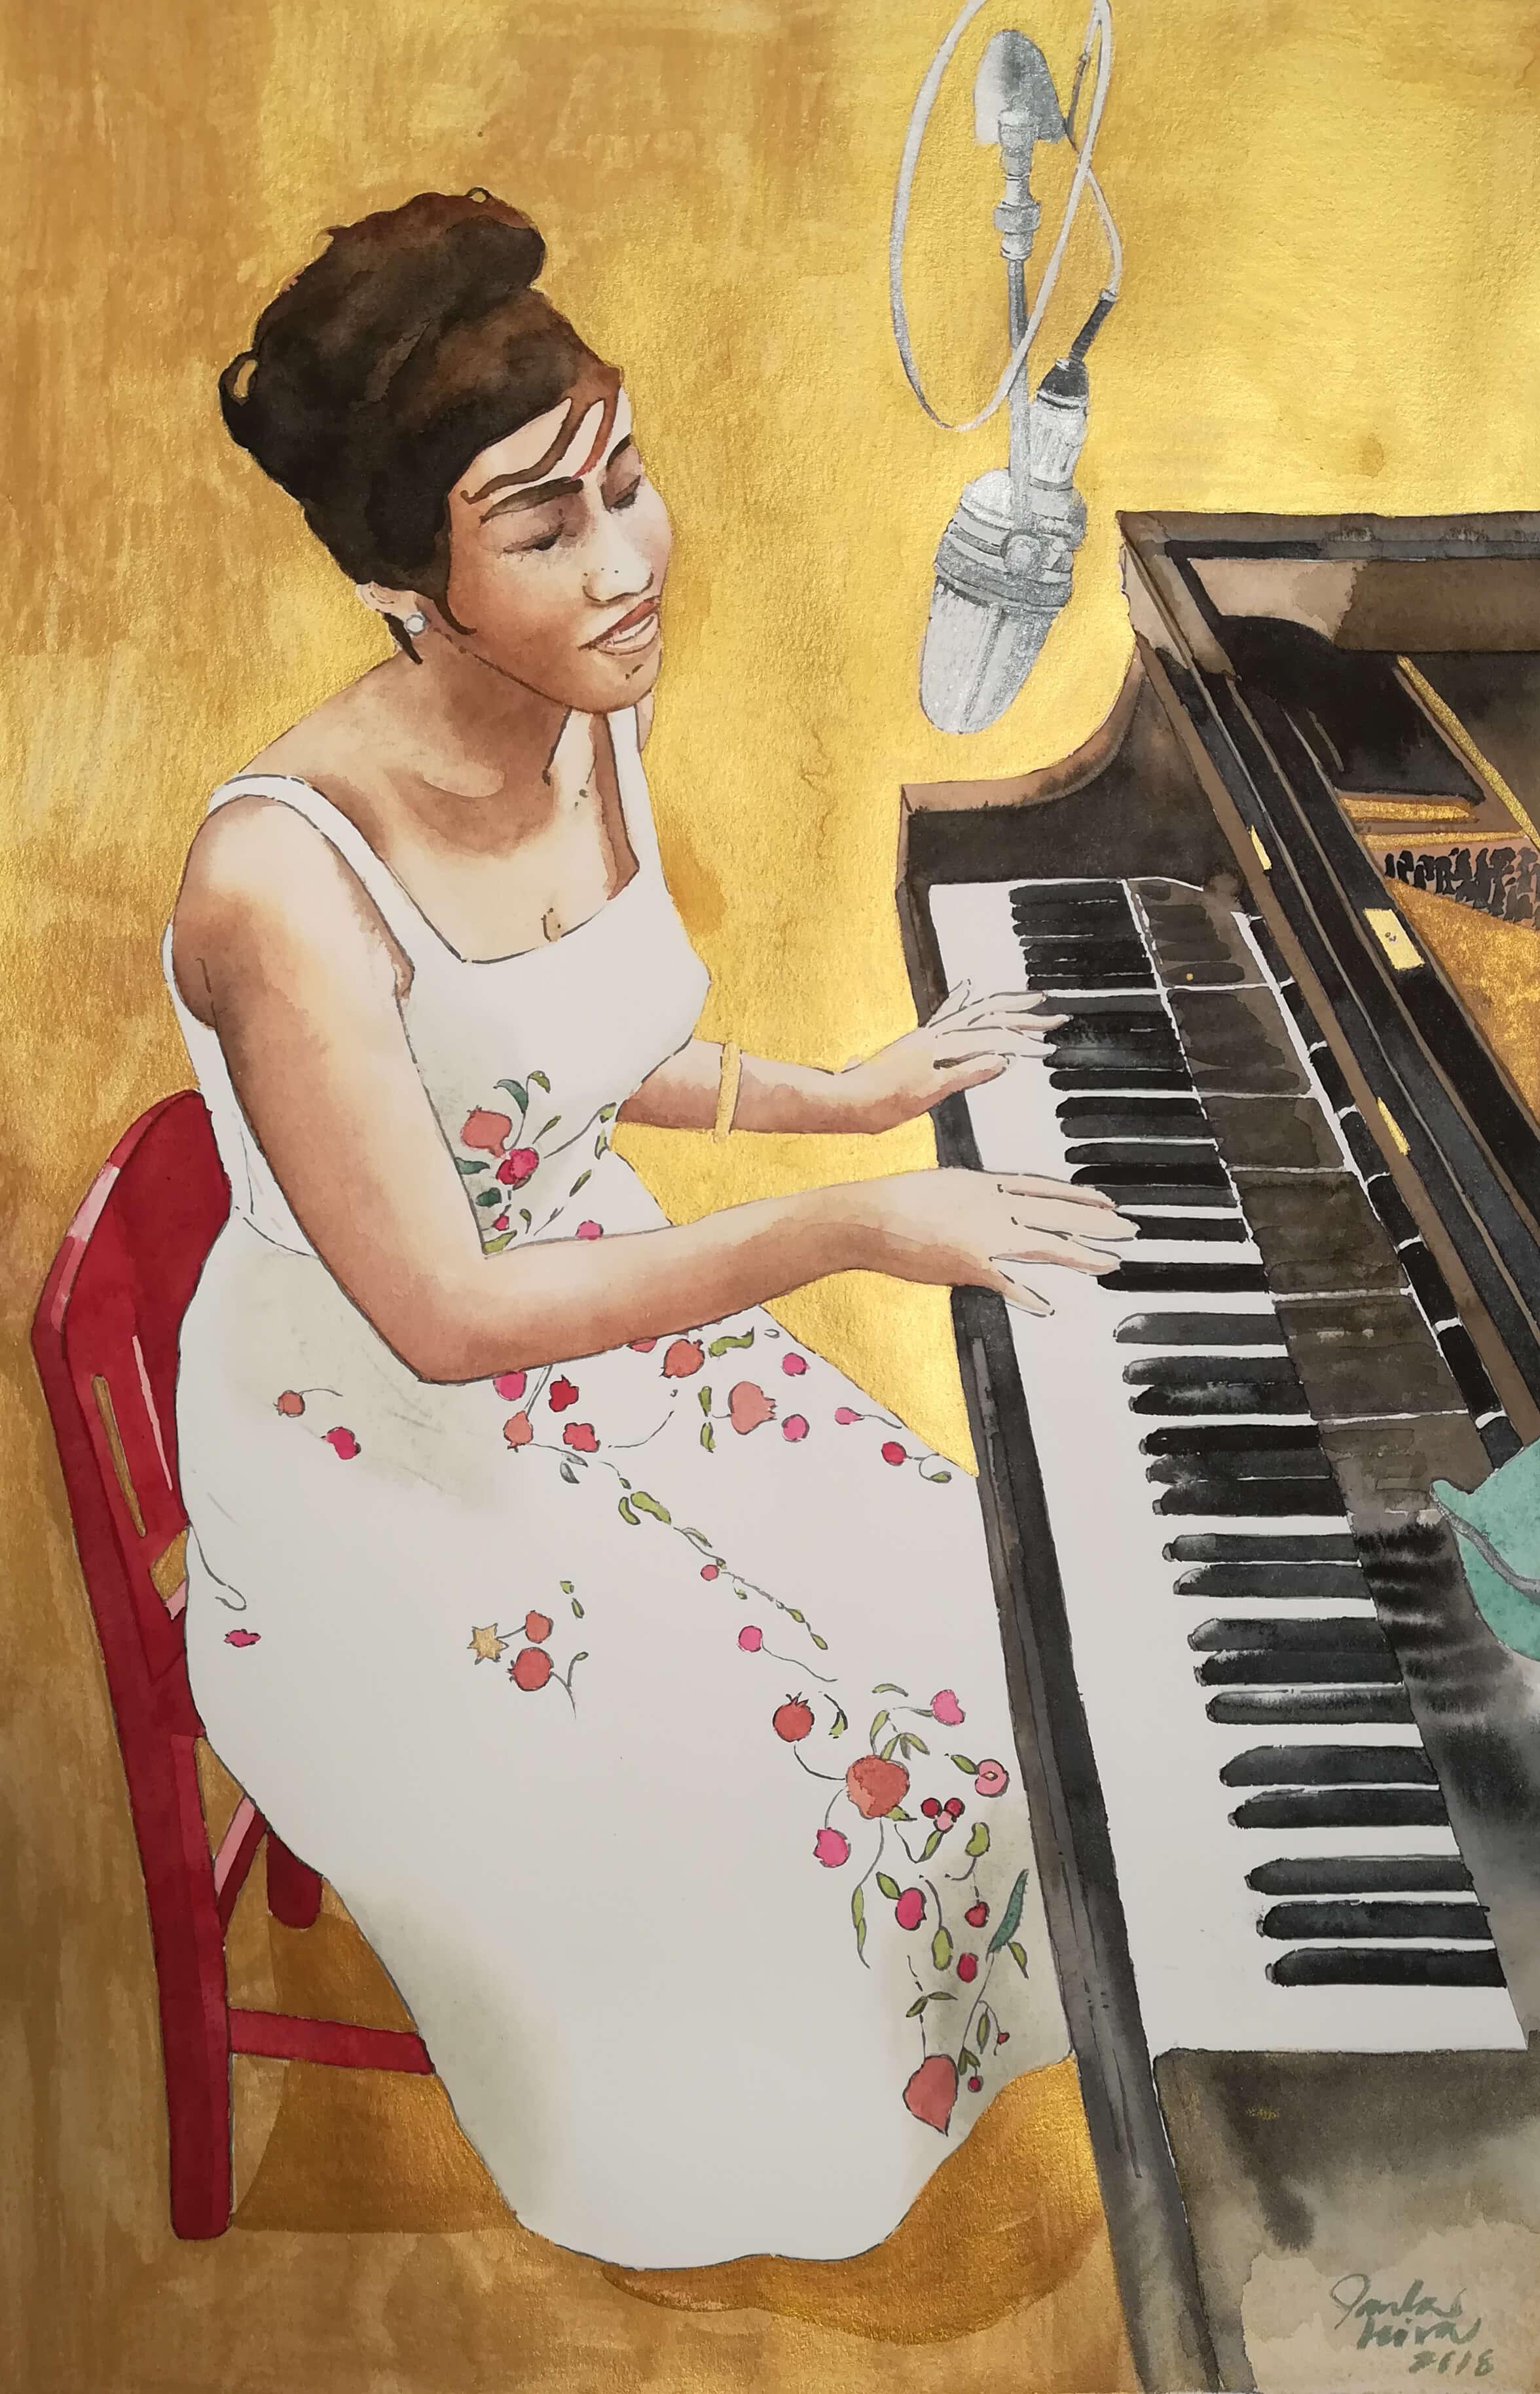 Paula-Leiva-Granger-Aretha-Franklin-al-piano-.2018-Acuarela-y-tinta-china.-70-x-50-cm.-1 Paula Leiva